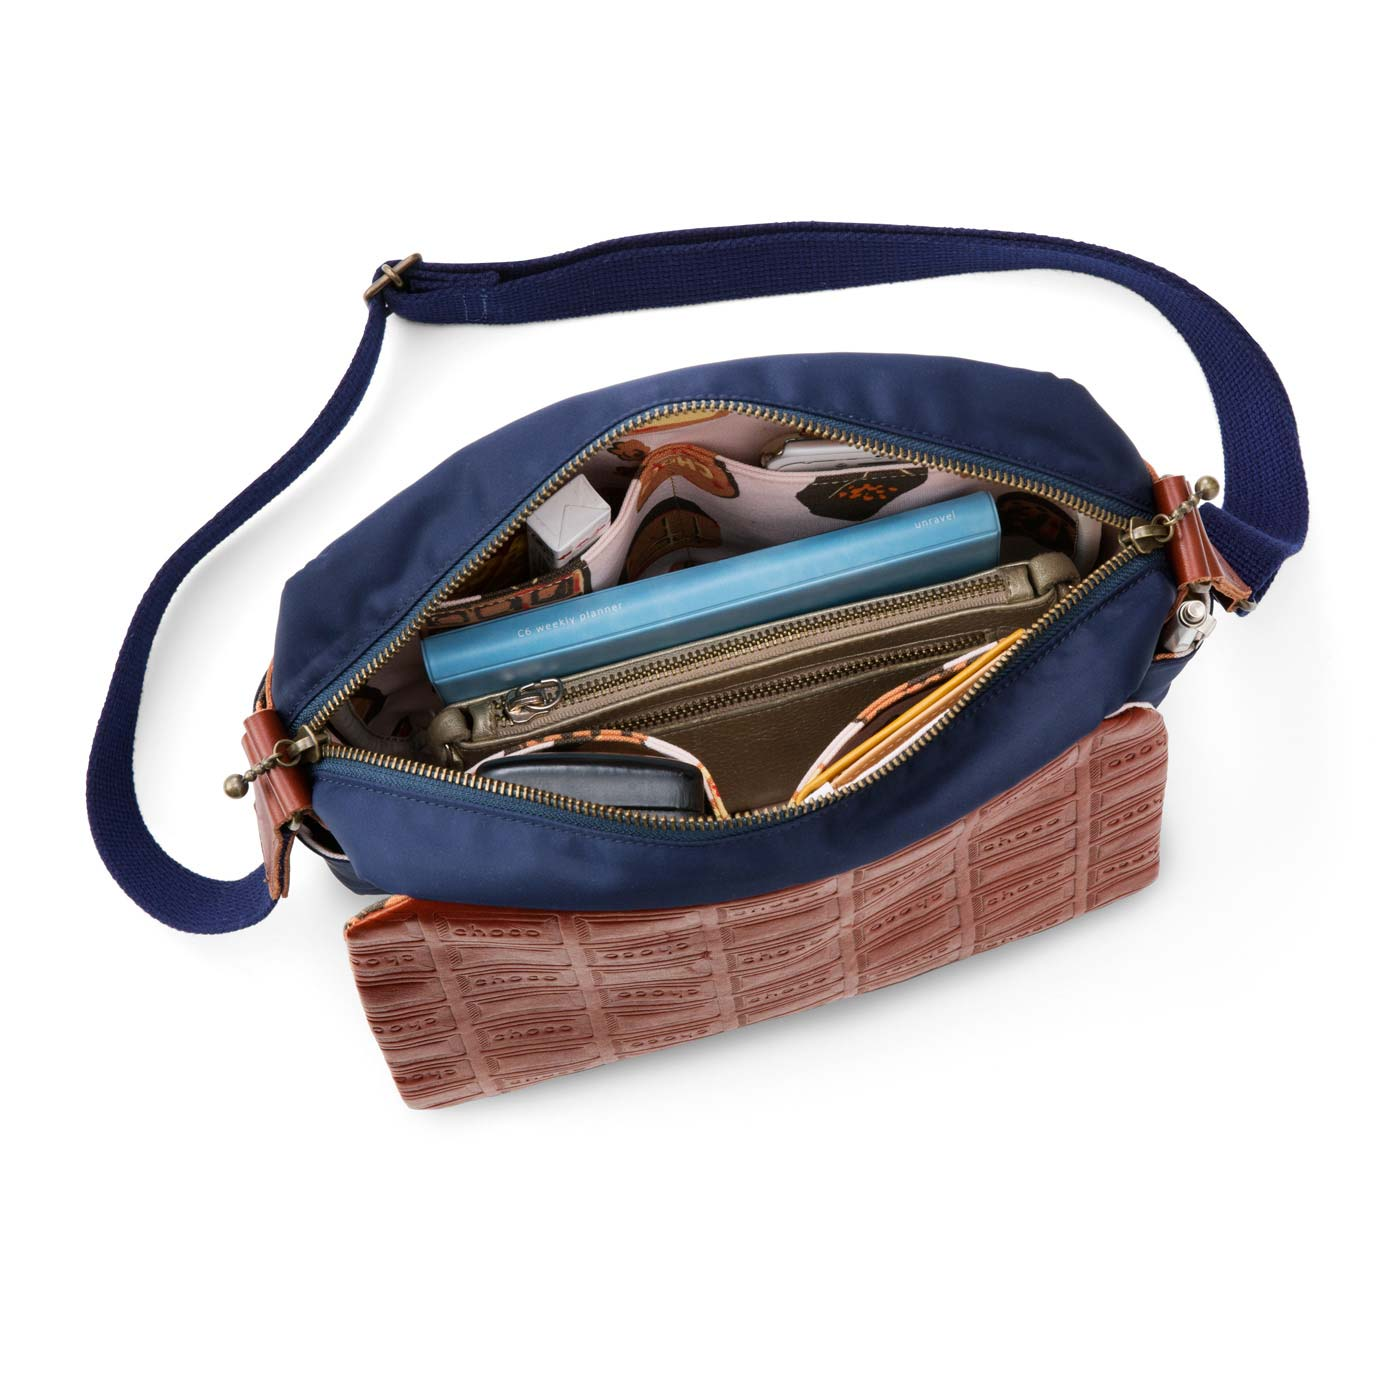 長財布やノート、カメラなどたっぷり収納。ポケット付きで中身もすっきり。